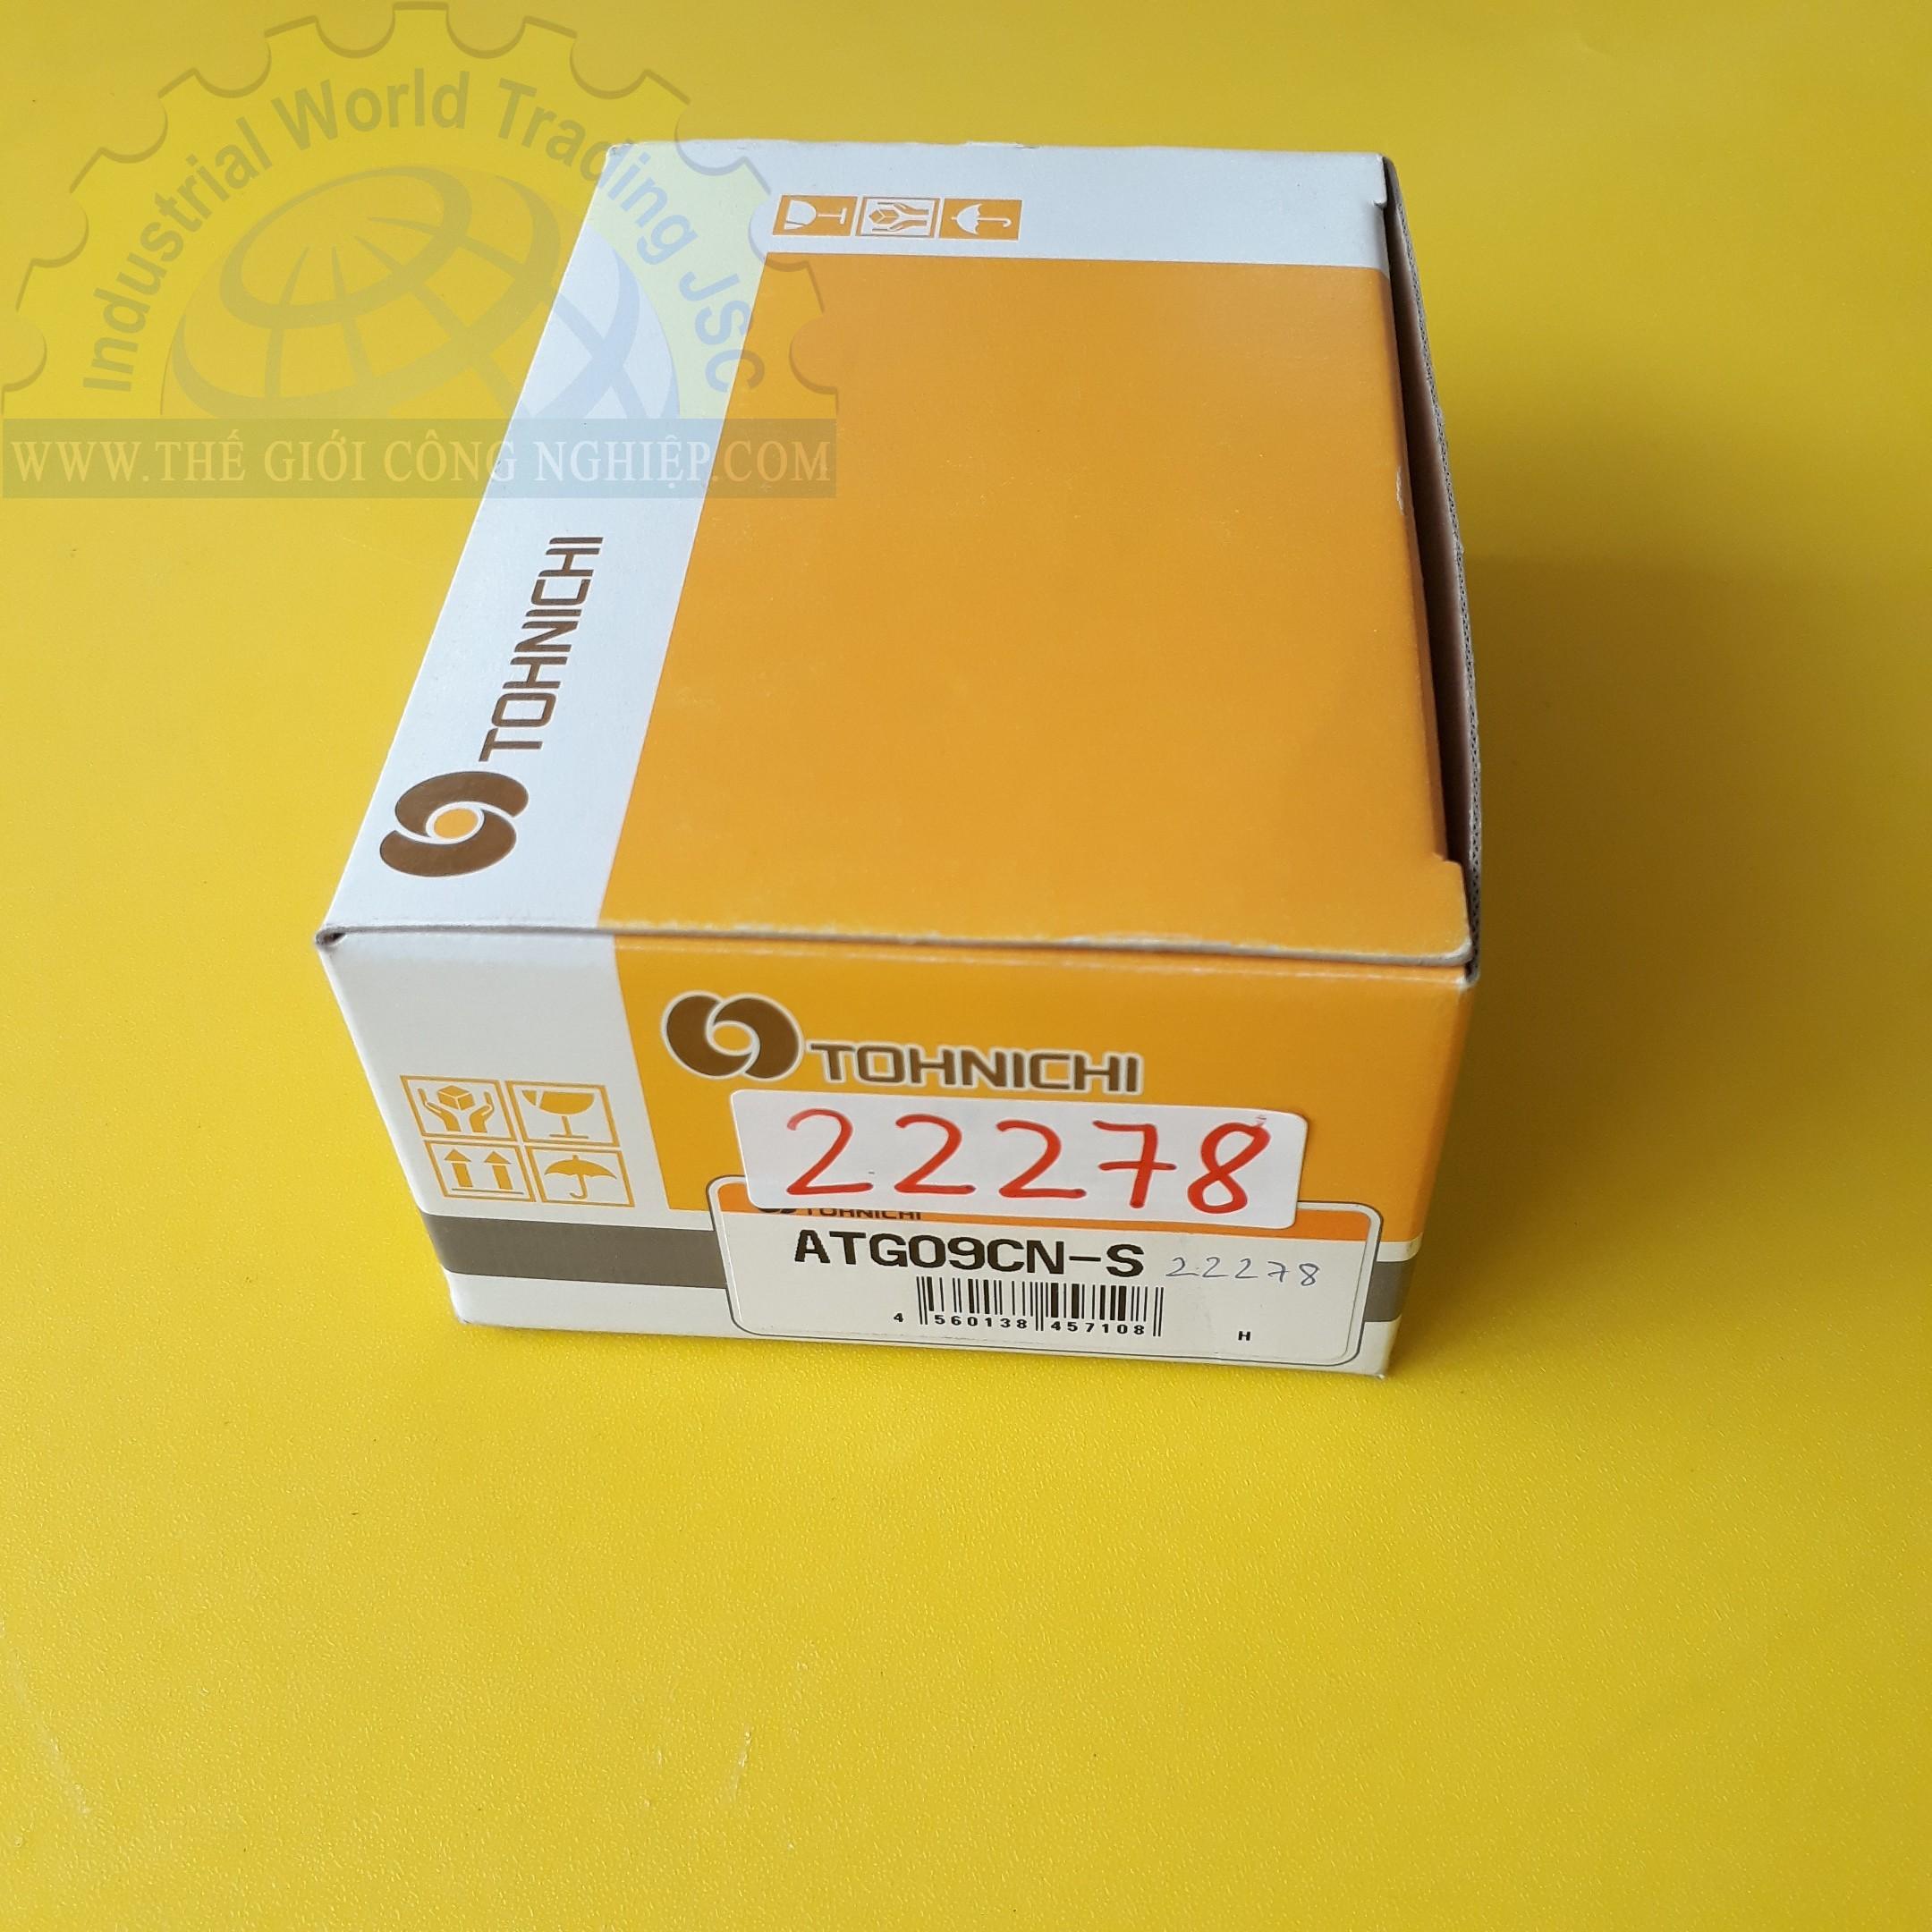 Thiết bị đo lực xoắn siết có dải đo 0.1 ~ 0.9 N.cm torque Measuring Equipment ATG09CN-S Tohnichi